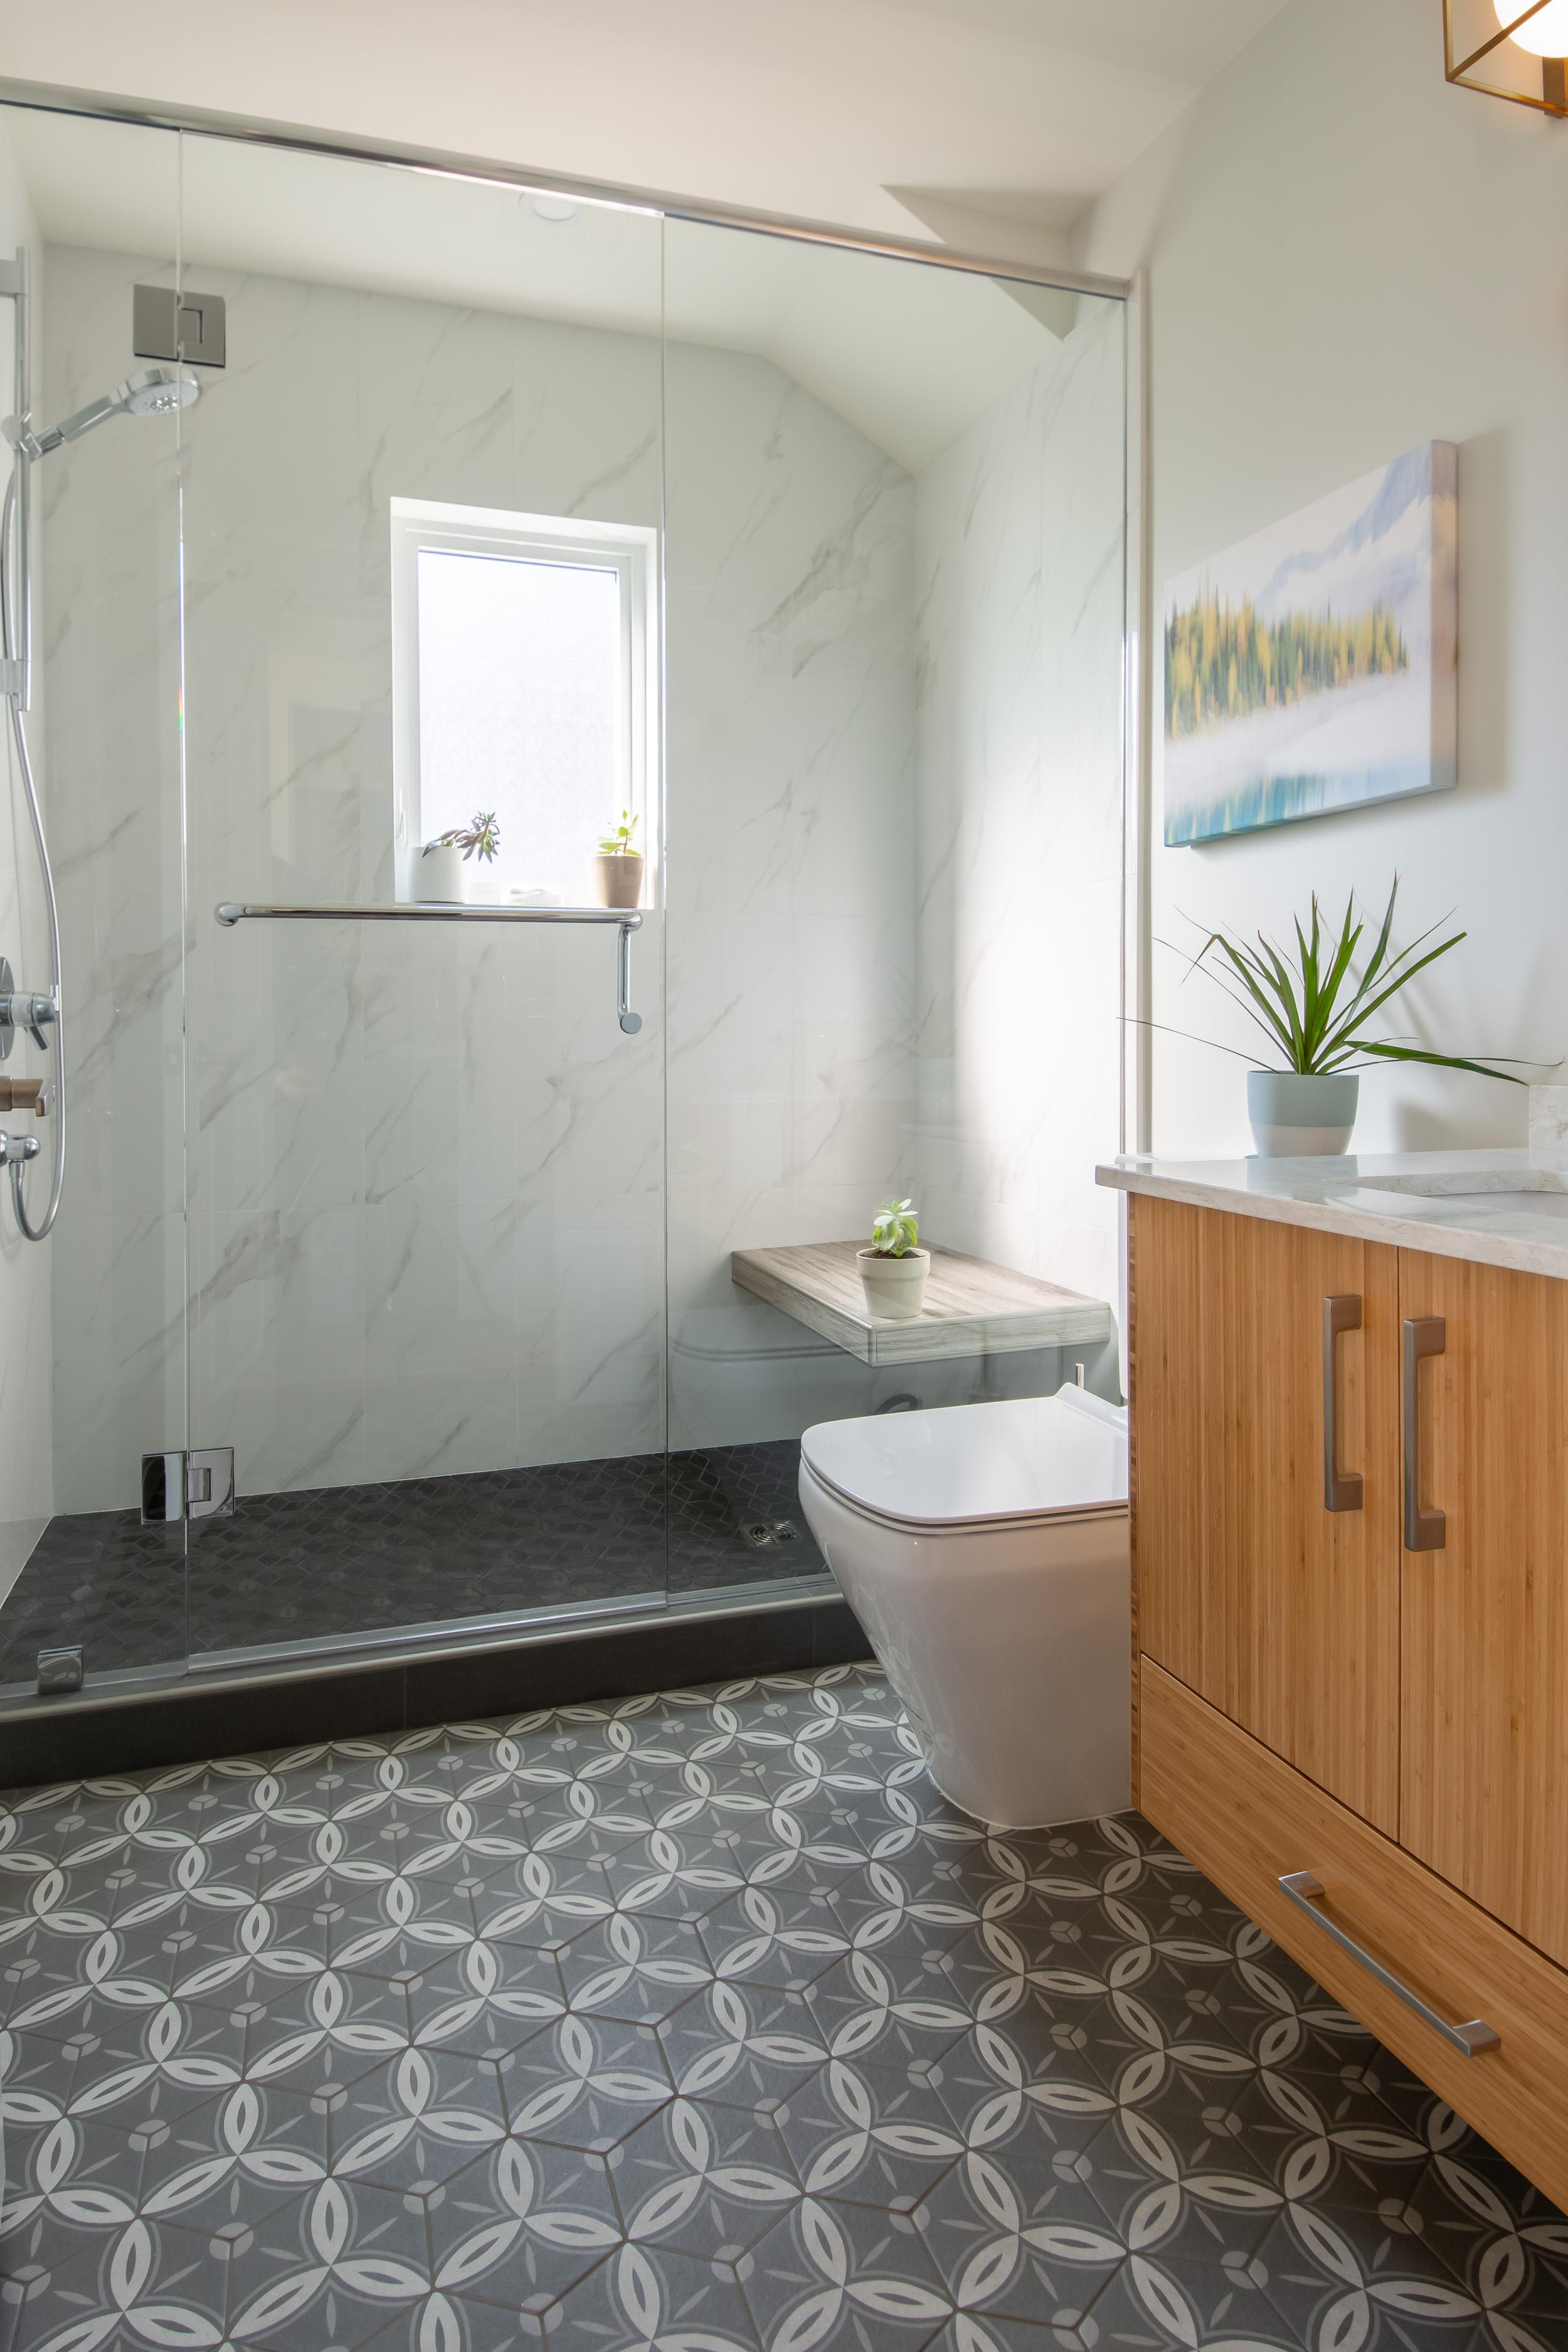 Atelier Design+Build Victoria BC — Custom tiled bathroom